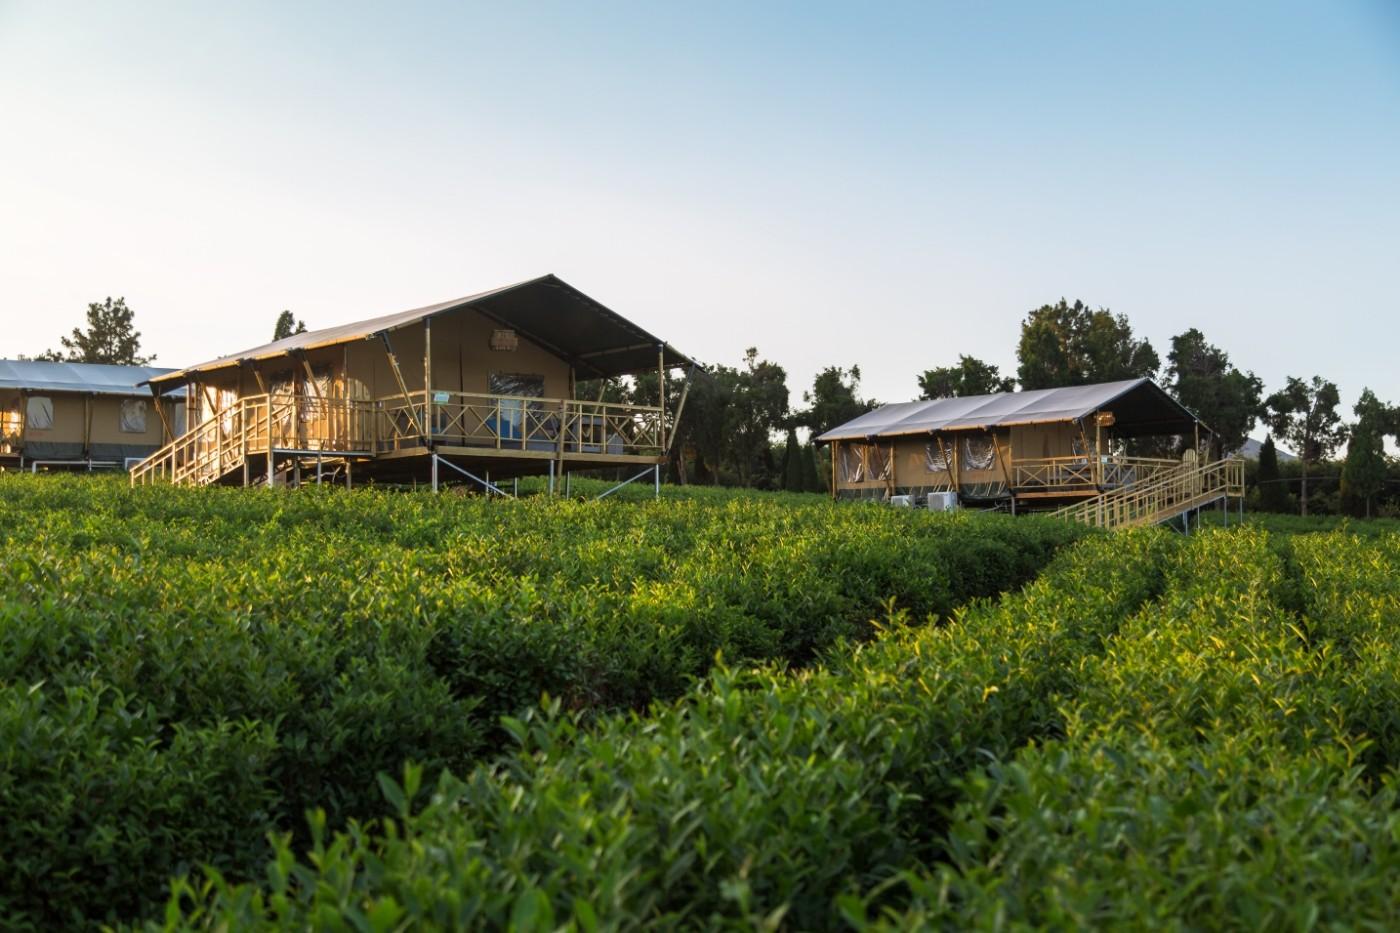 喜马拉雅野奢帐篷酒店—江苏常州茅山宝盛园茶园帐篷酒店19